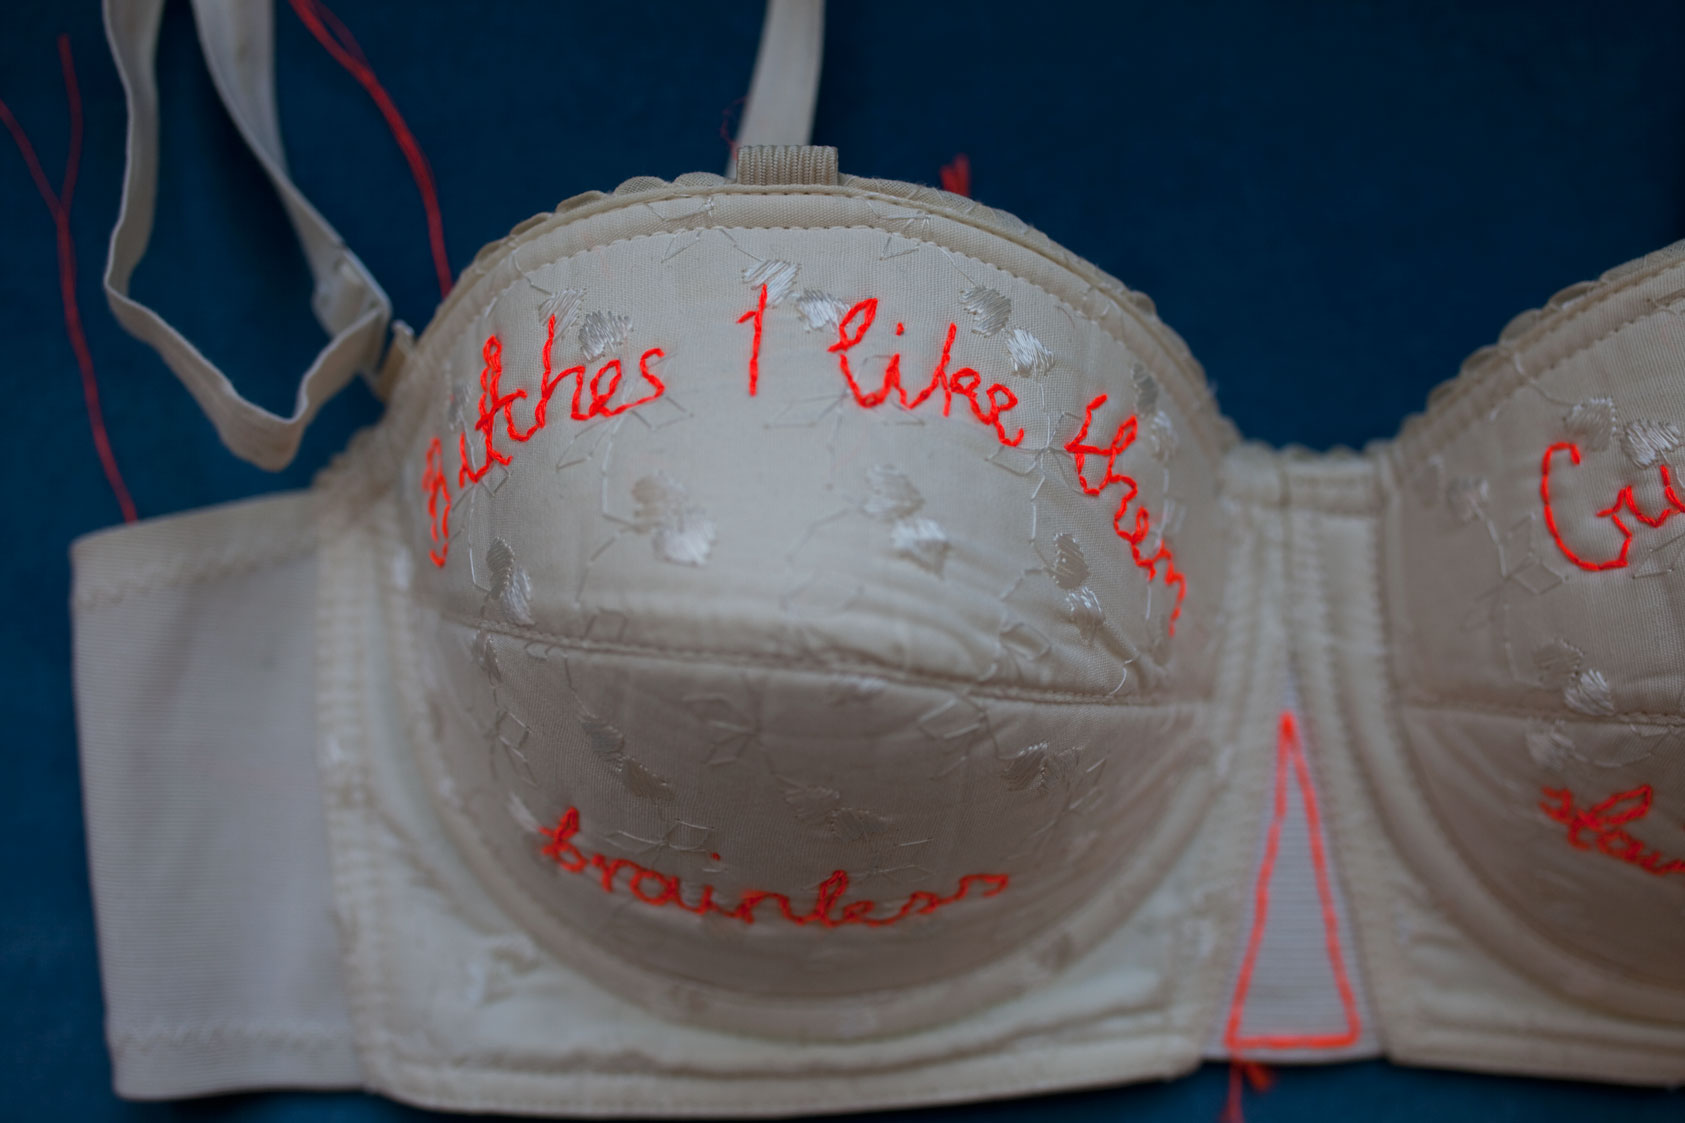 Fiber Art of rap lyrics embroidered on vintage bra.